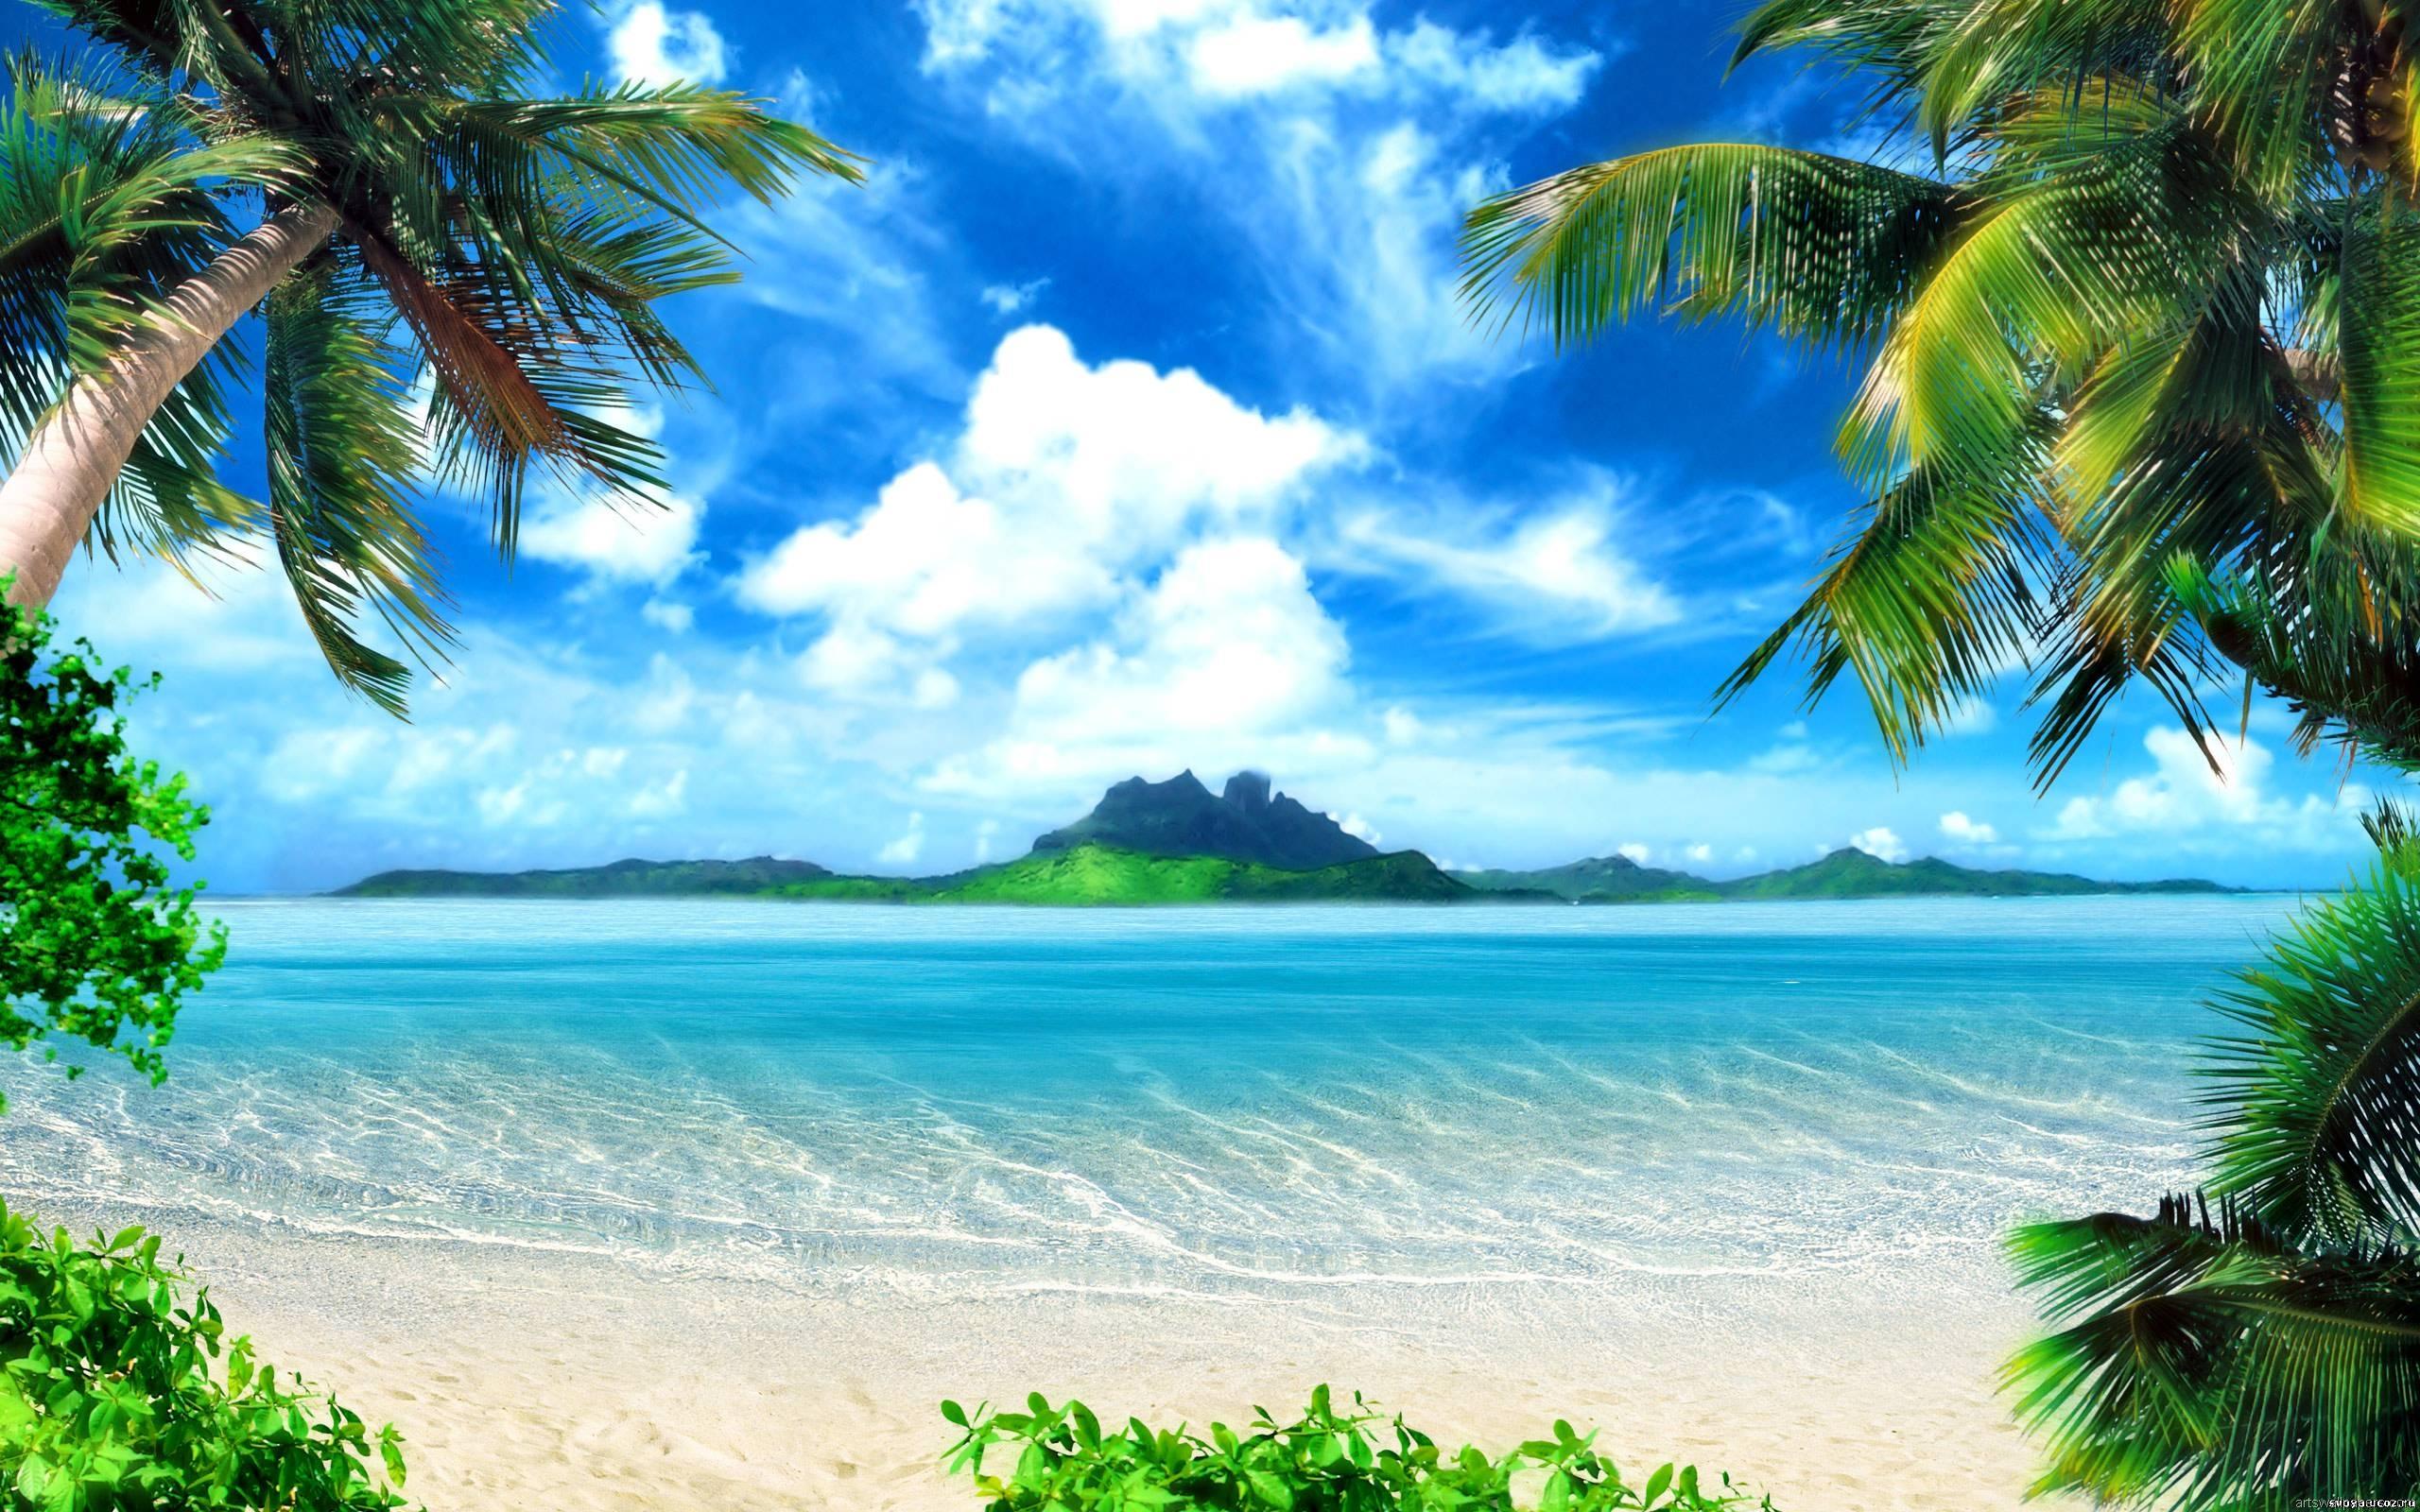 48+] Free Ocean Scenes Wallpaper on WallpaperSafari